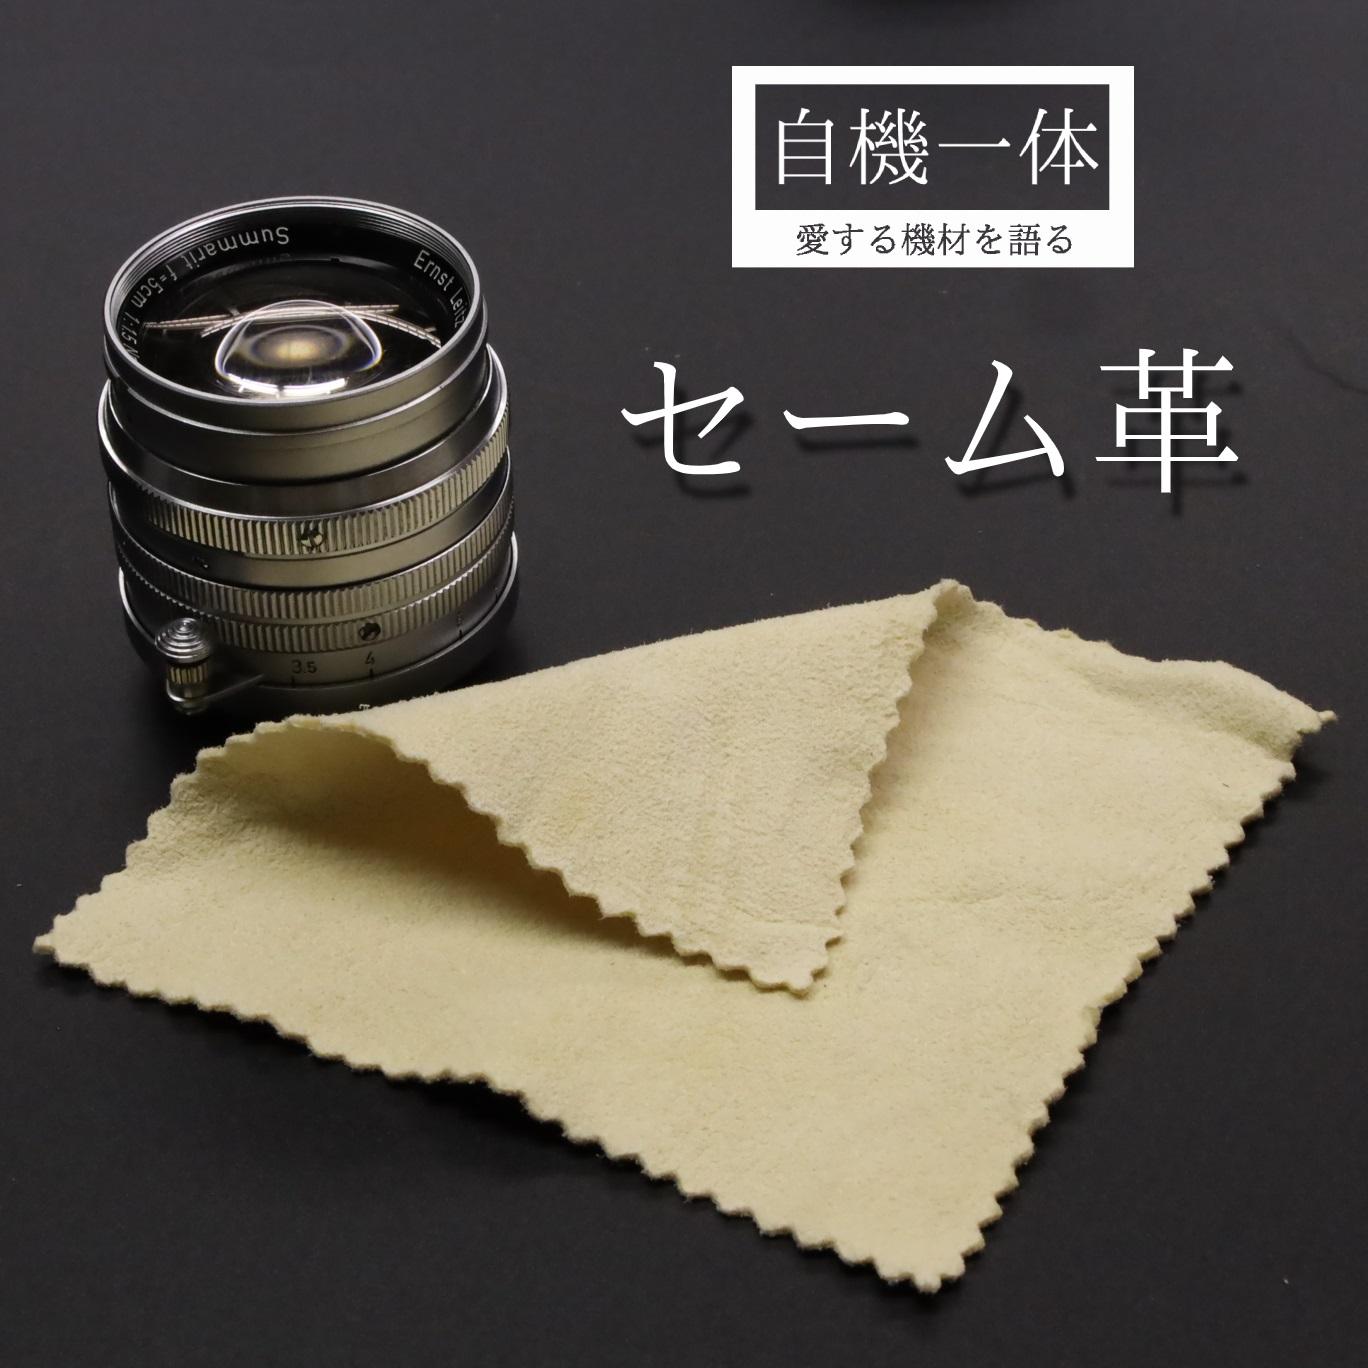 【自機一体】マップカメラスタッフこだわりの逸品 Vol.33